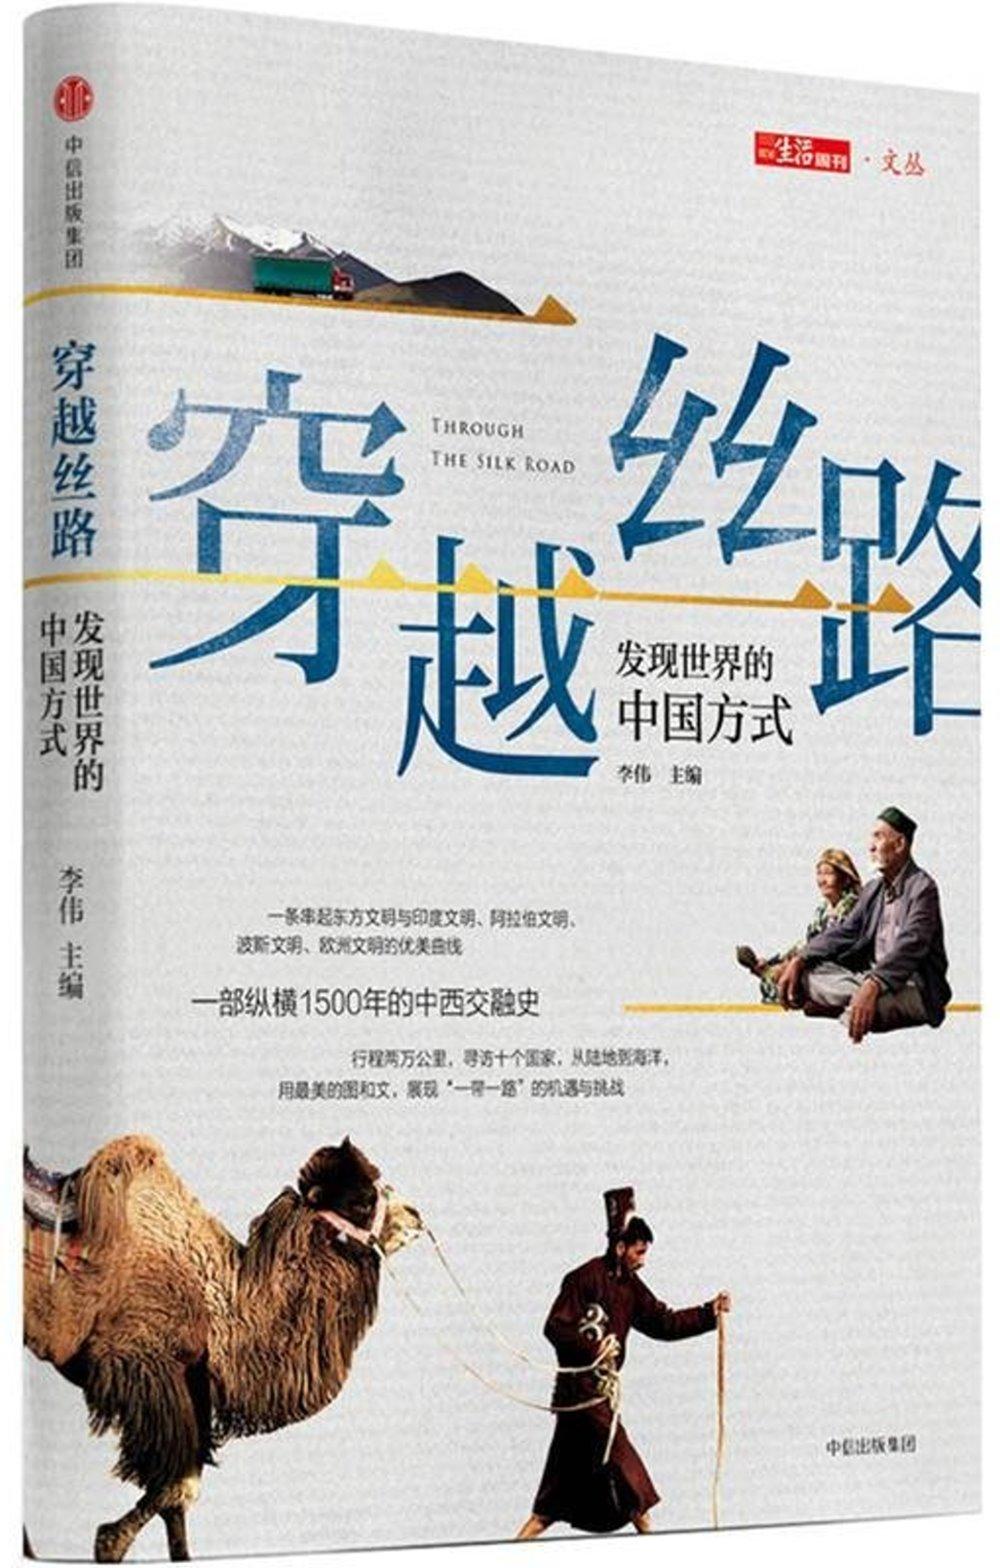 穿越絲路:發現世界的中國方式